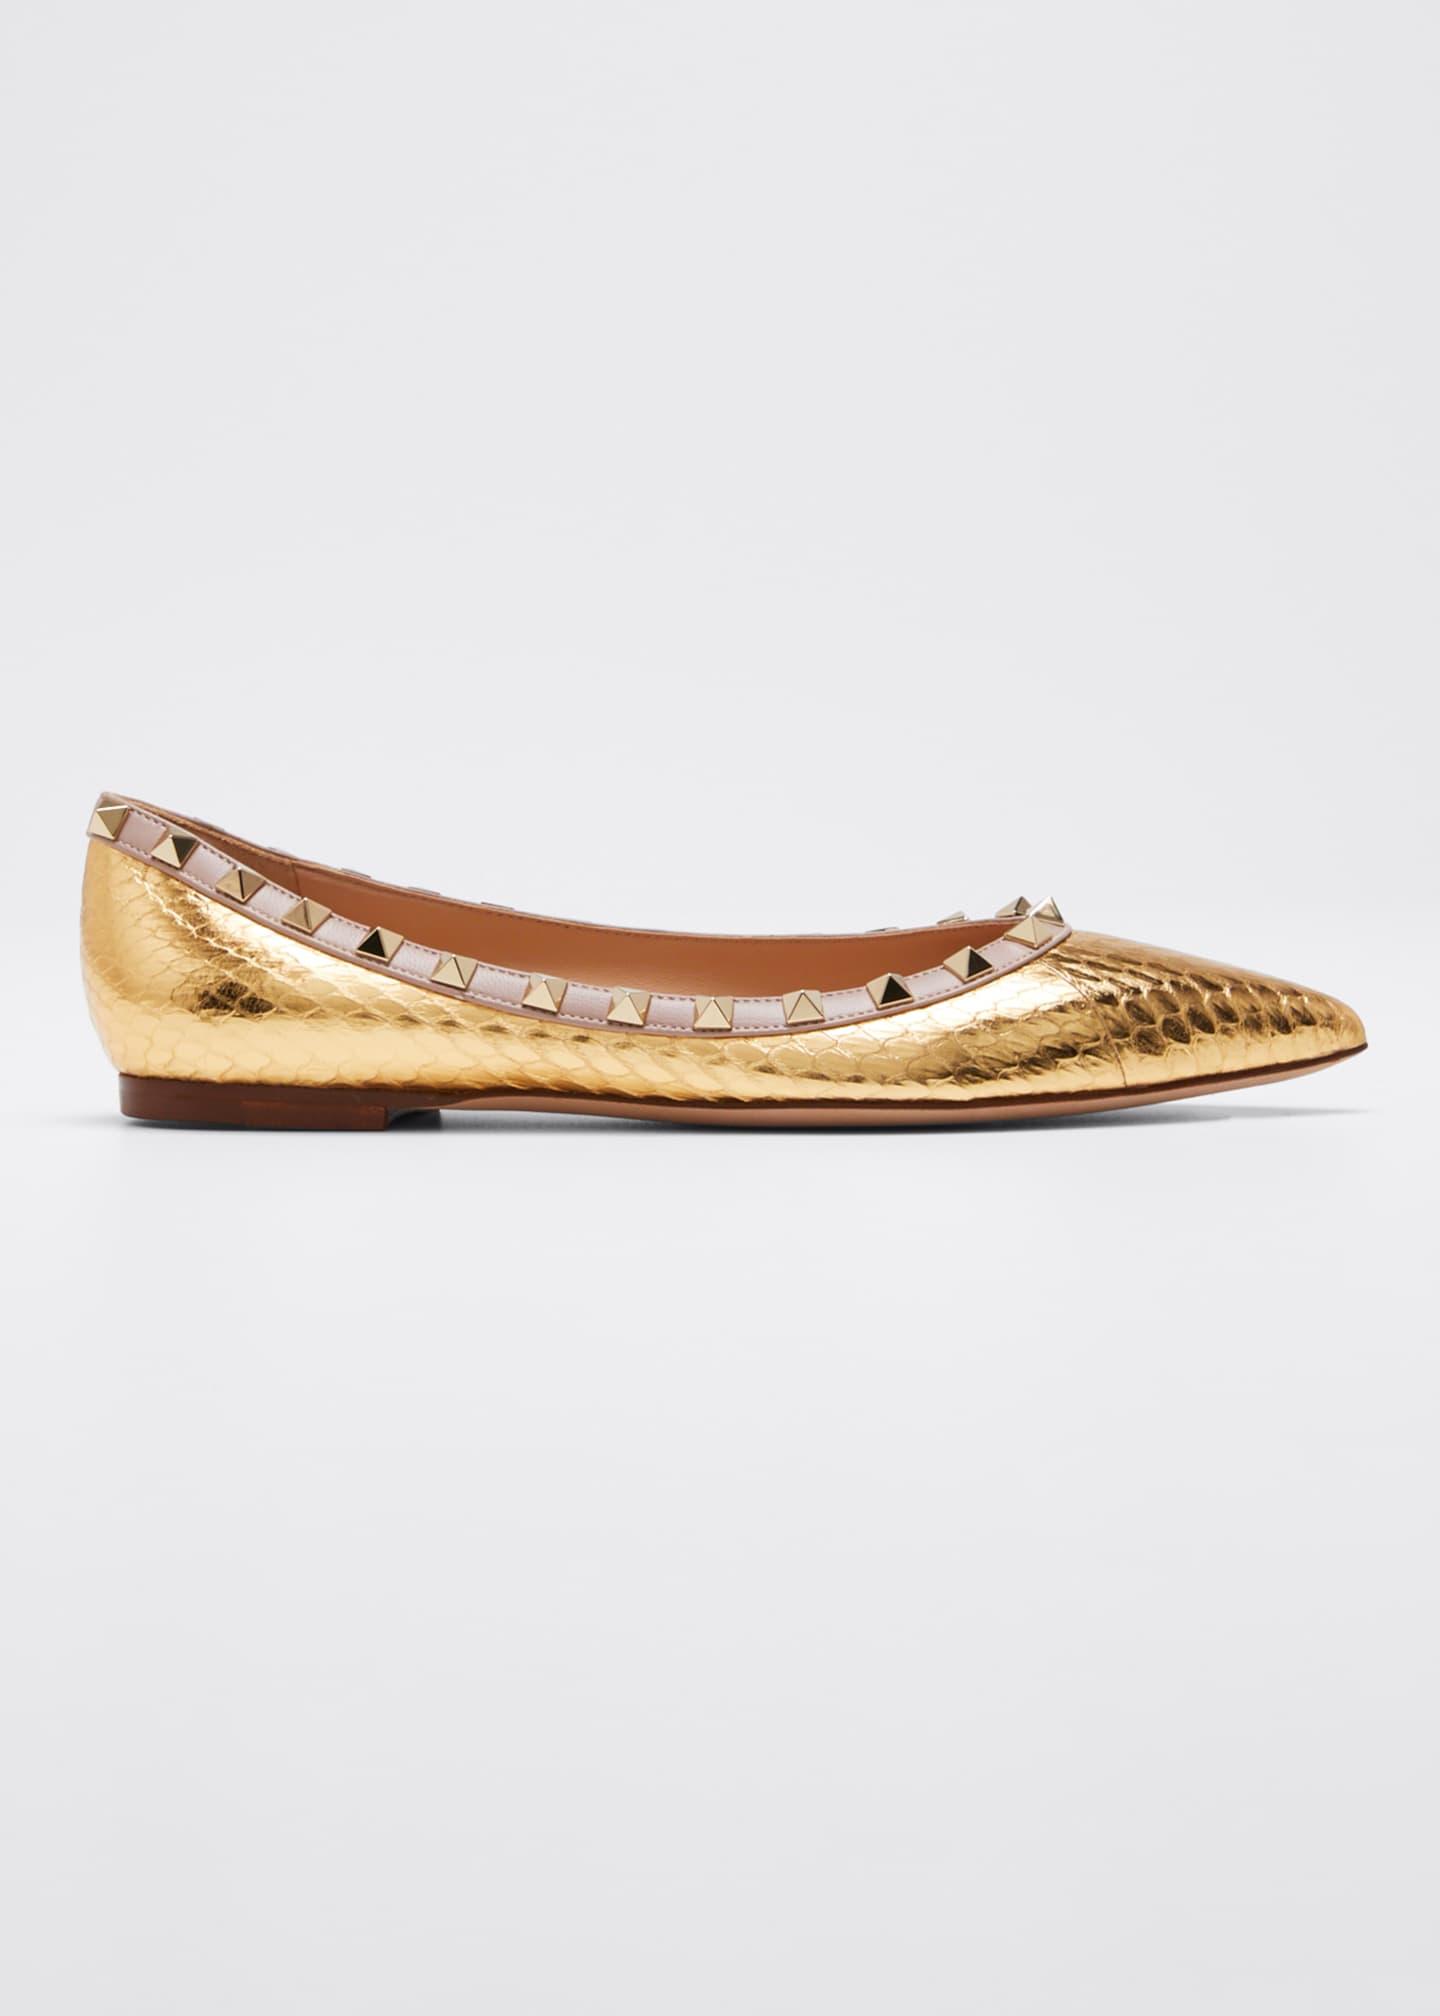 Valentino Rockstud Metallic Snakeskin Ballet Flats